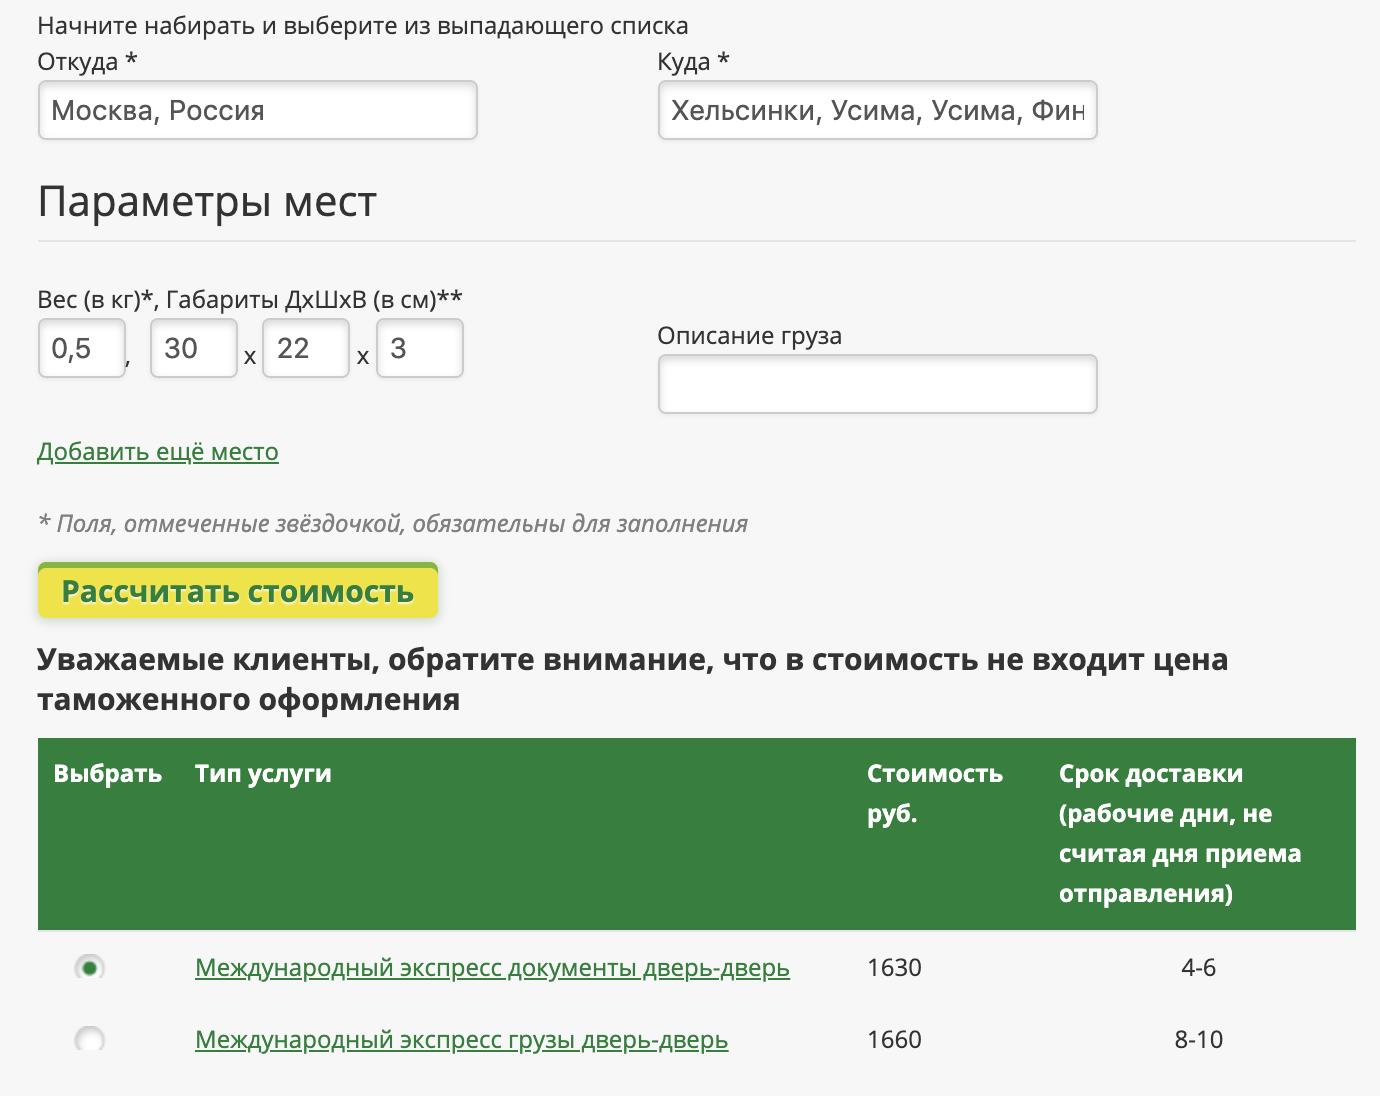 Так выглядит расчет стоимости доставки пакета документов из Москвы до Хельсинки. Цена указана в последних двух строках